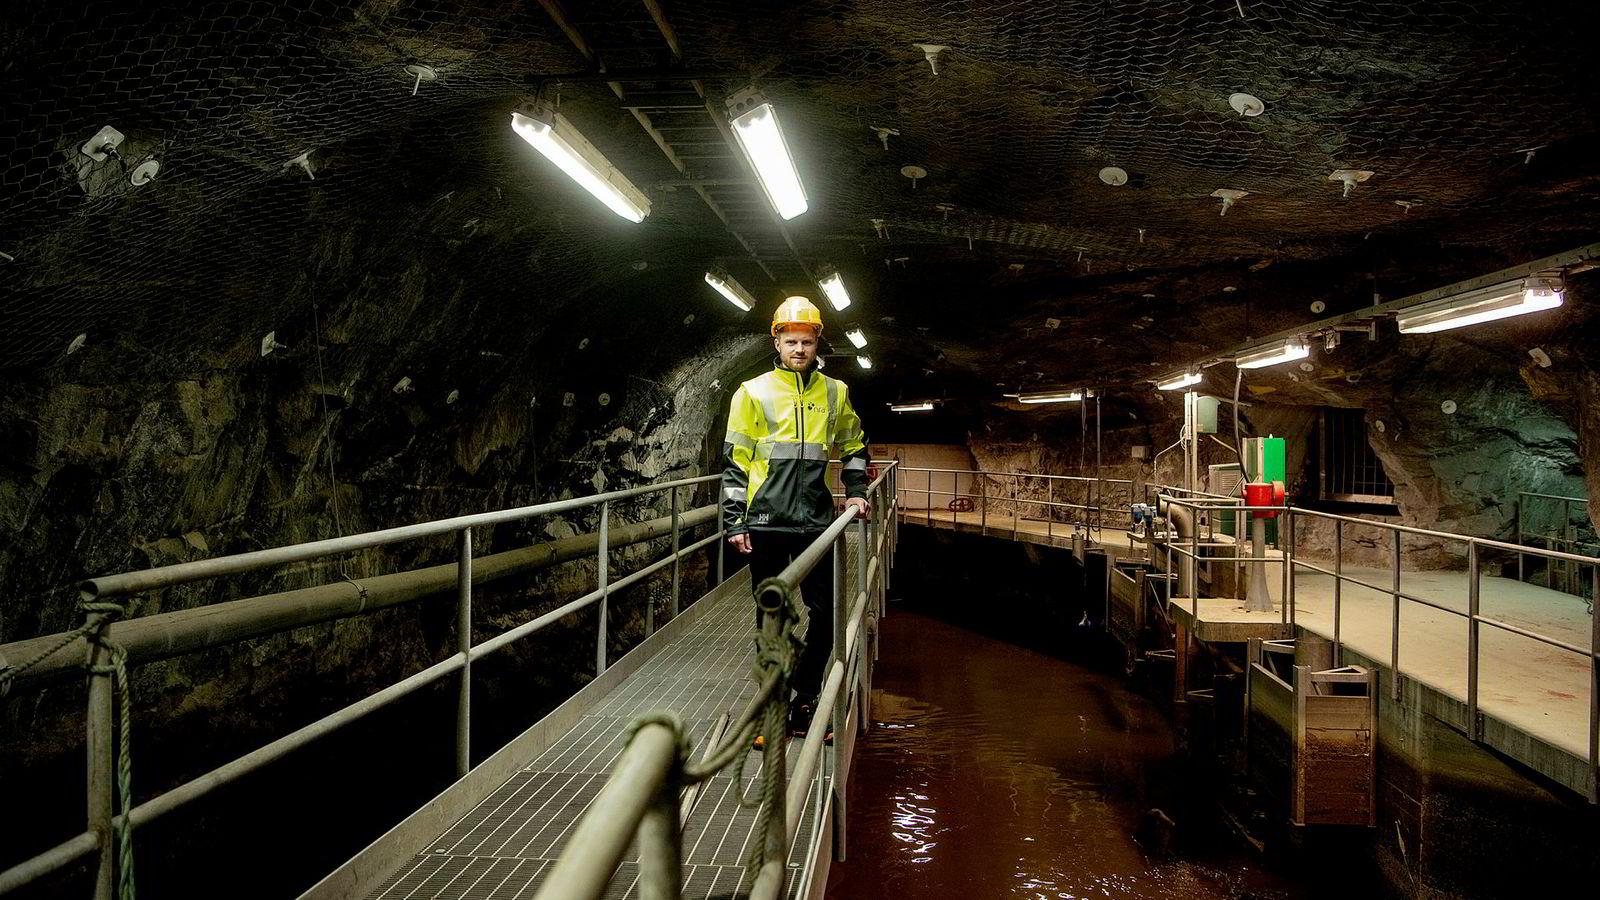 Halvor Myhrvold så annonsen for trainee-stillinger på Romerike i Teknisk Ukeblad, og fikk kapret en av dem. Nå er han prosjektingeniør for vann- og avløpsteknikk i Nedre Romerike vannverk og Nedre Romerike avløpsselskap.